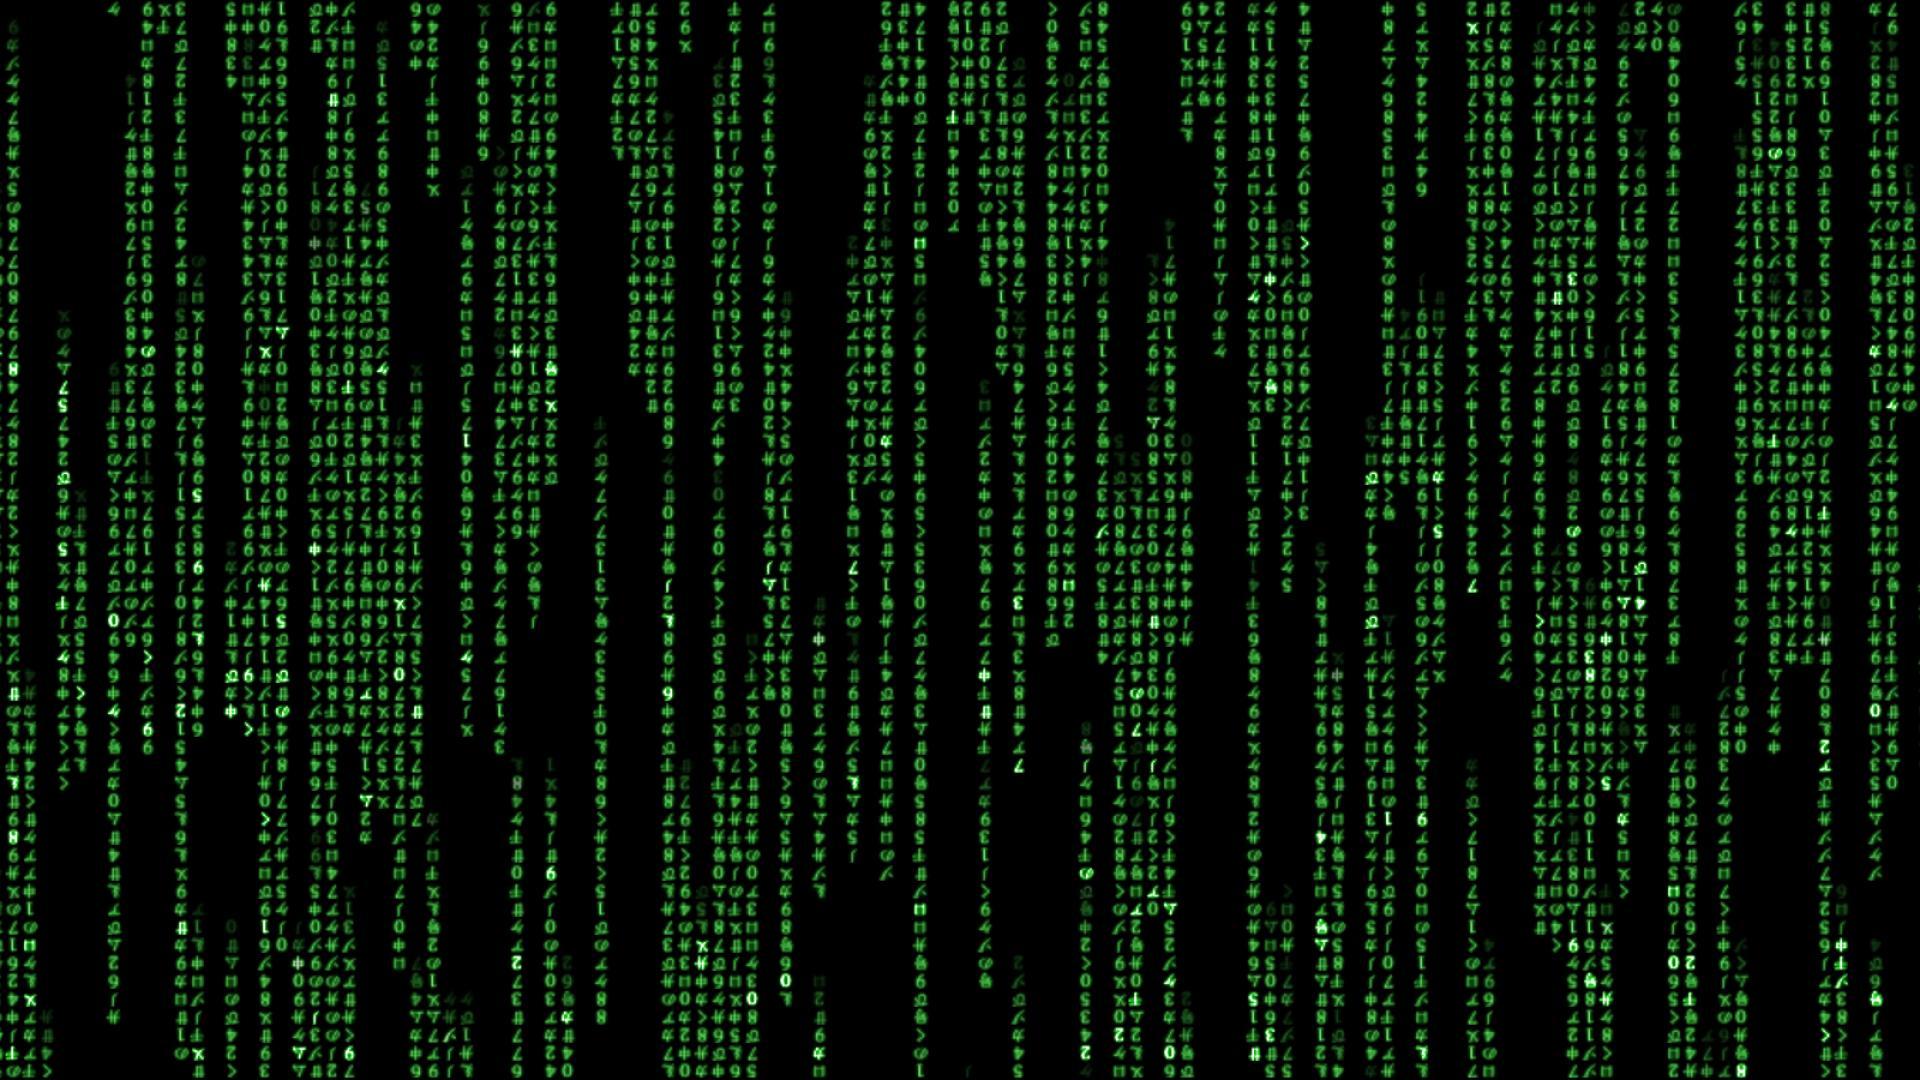 Matrix code movies wallpaper HQ WALLPAPER   178800 1920x1080